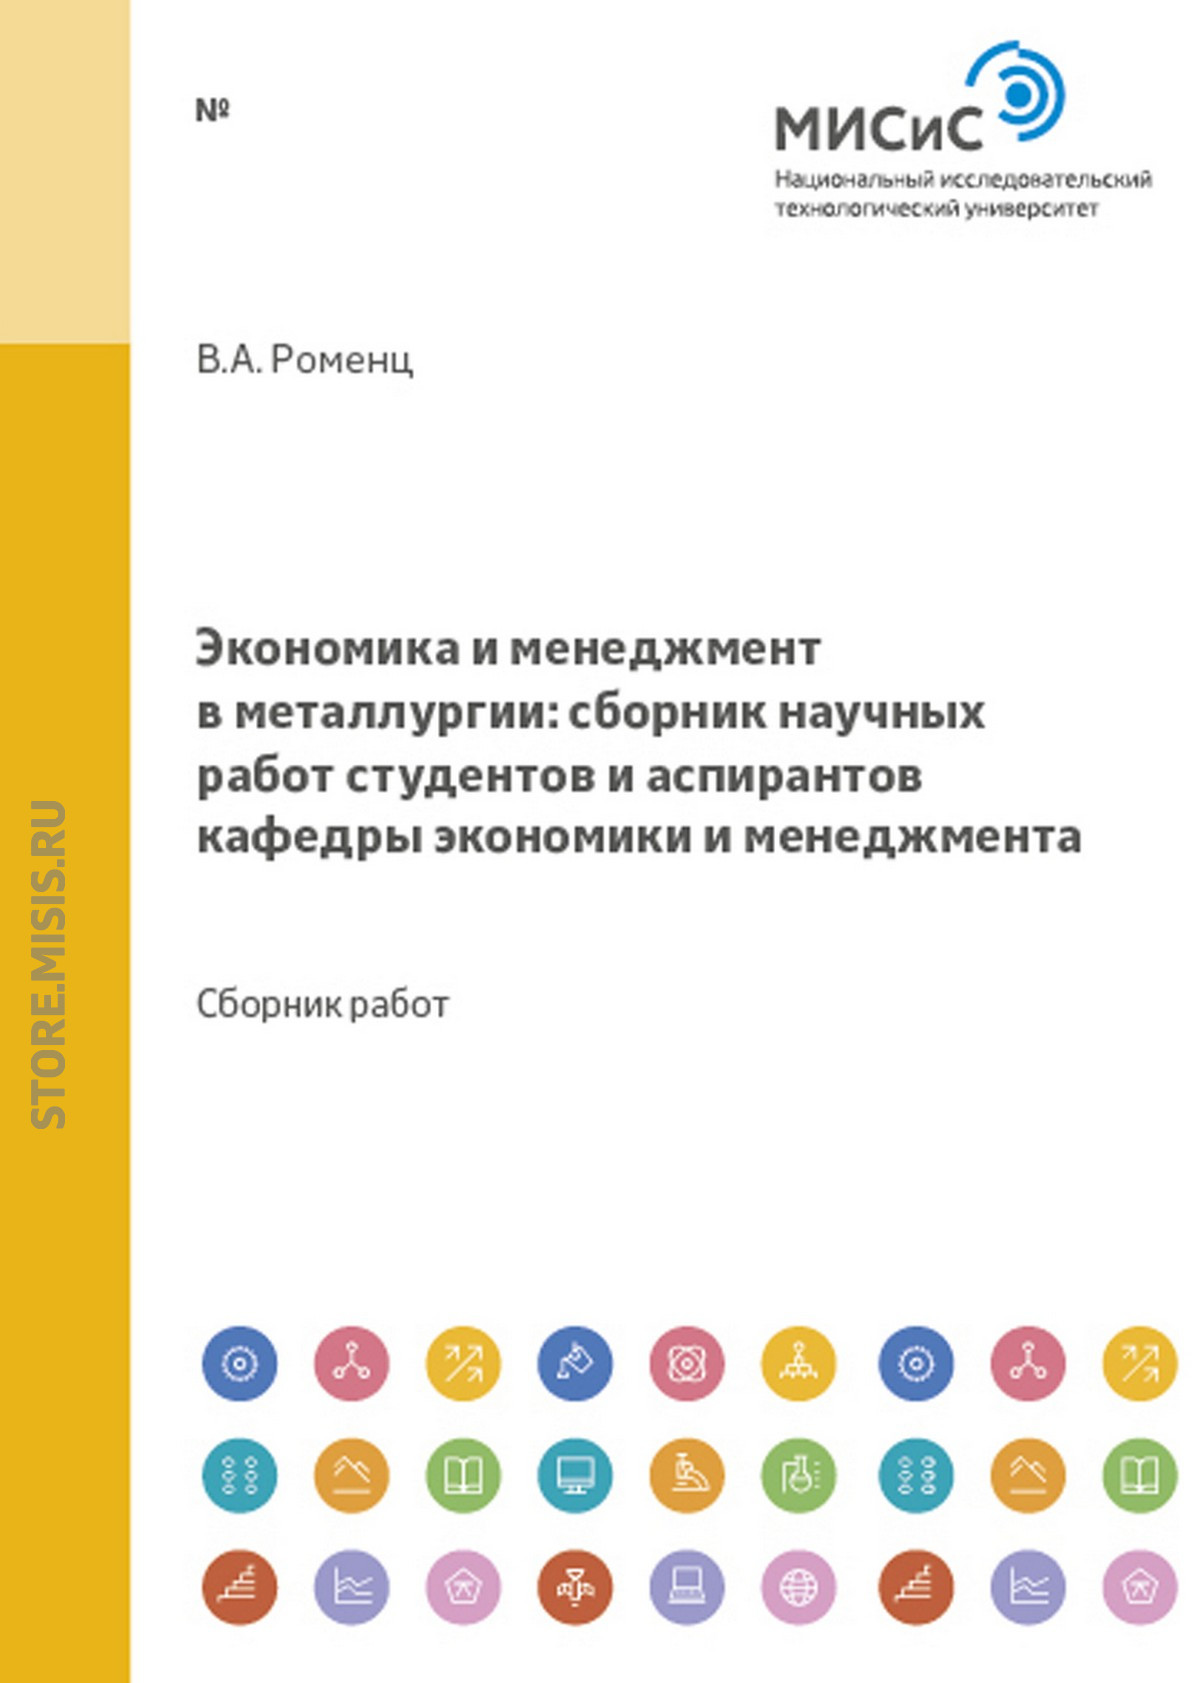 Коллектив авторов Экономика и менеджмент в металлургии коллектив авторов специальная связь и безопасность информации технологии управление экономика